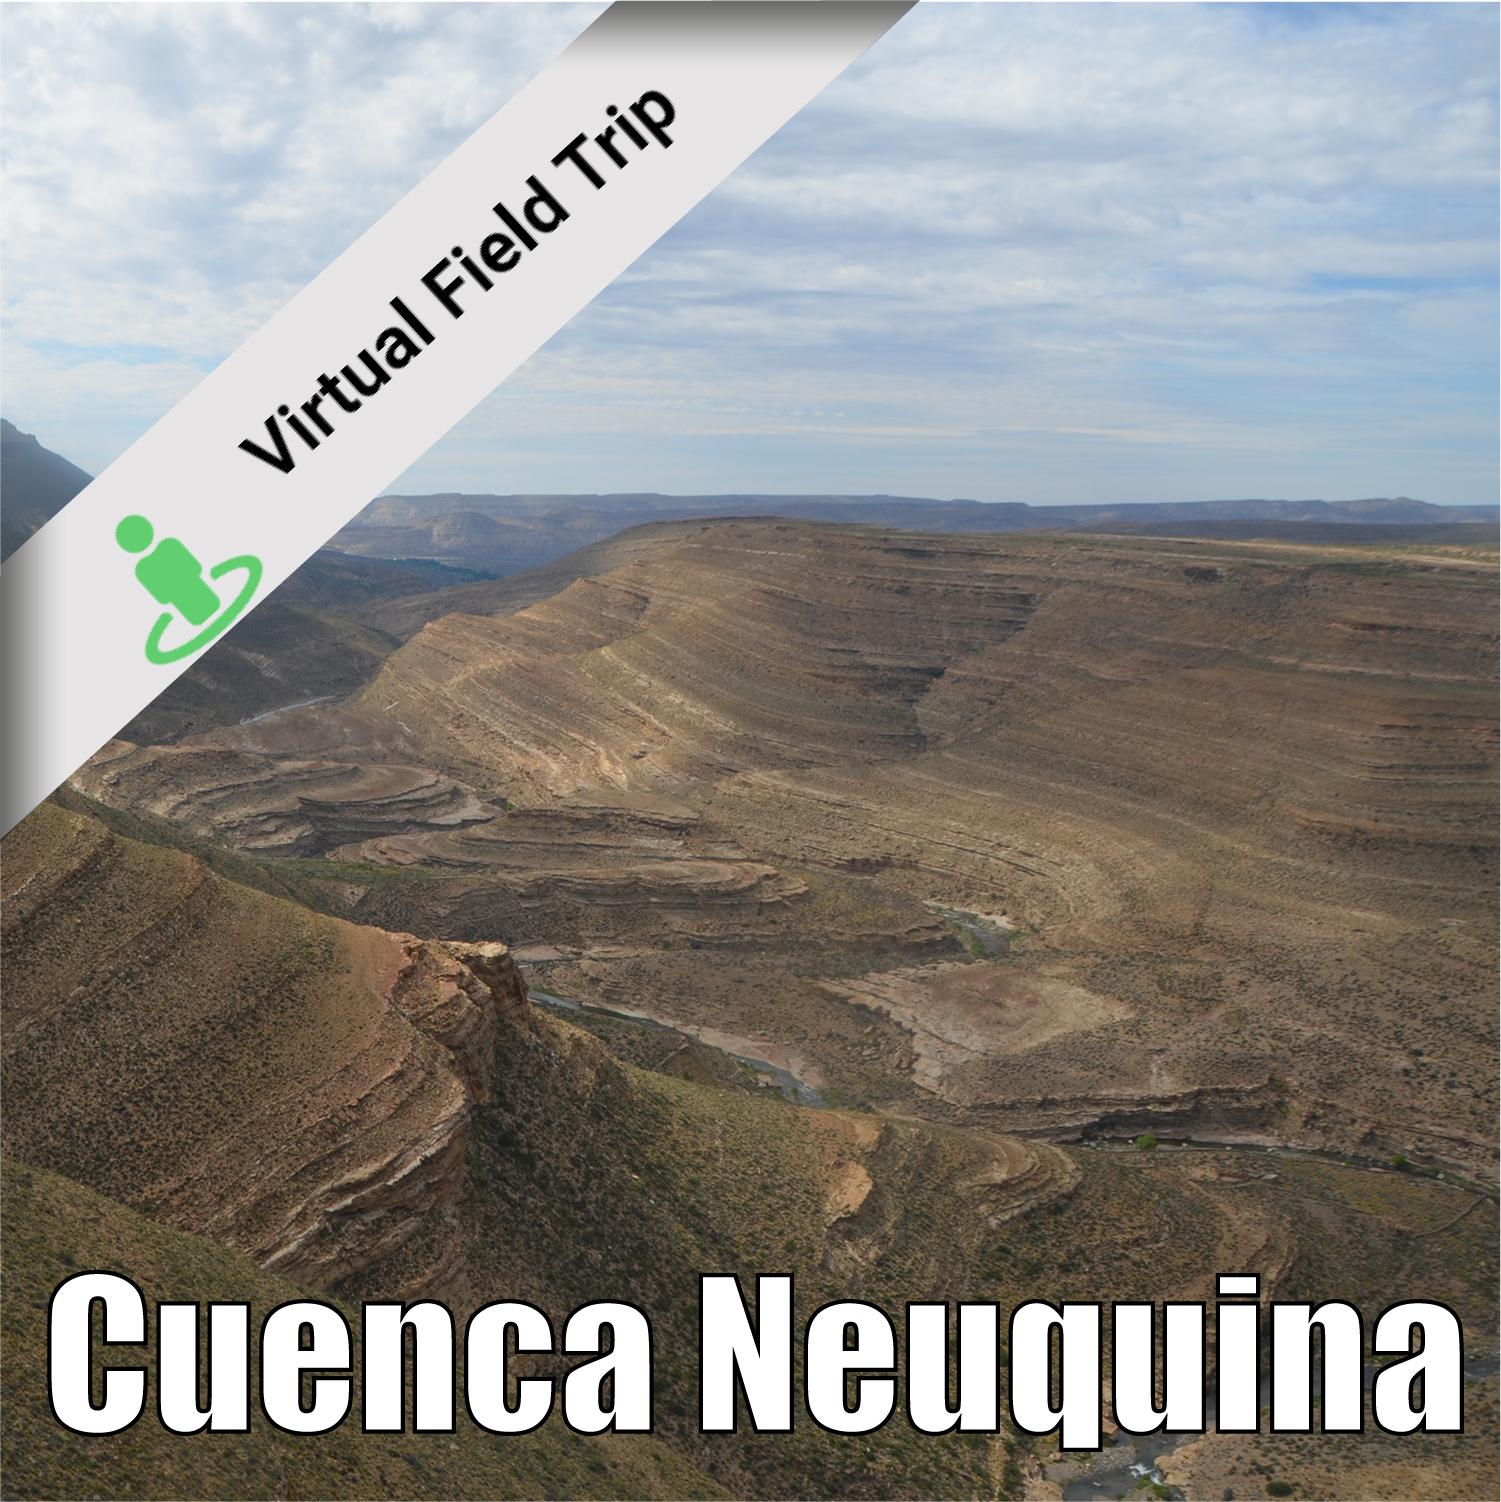 Cuenca neuquina peq-01